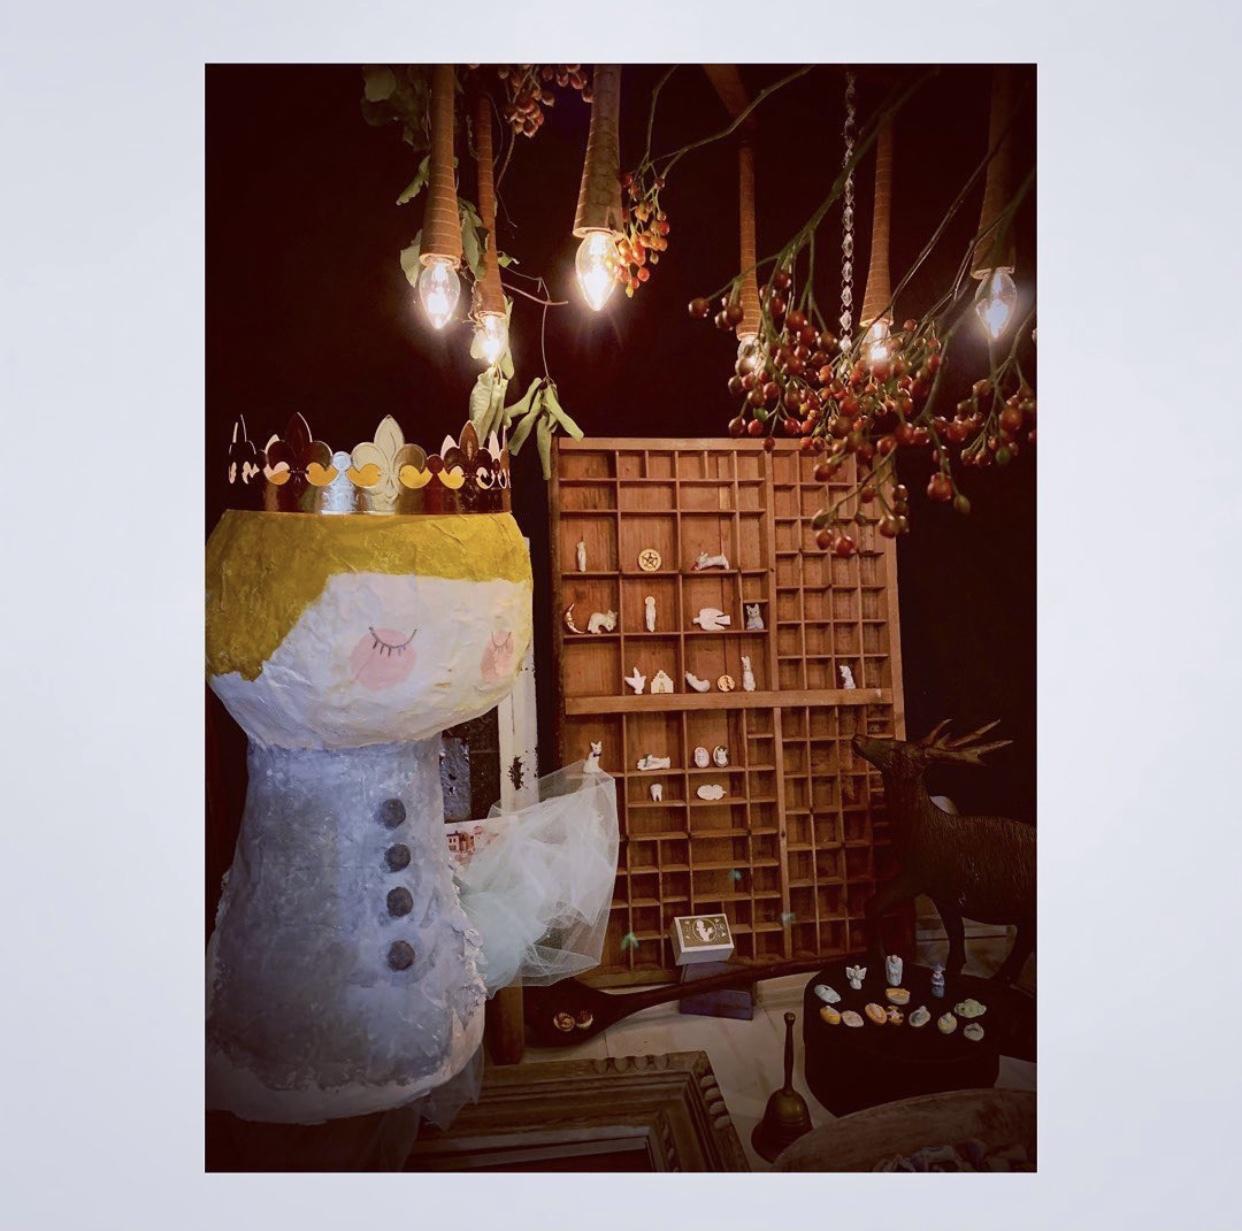 『小さい秋みつけた フランスのフェーブ展』@川越 ヒヤシンス雑貨店_a0137727_15385640.jpeg